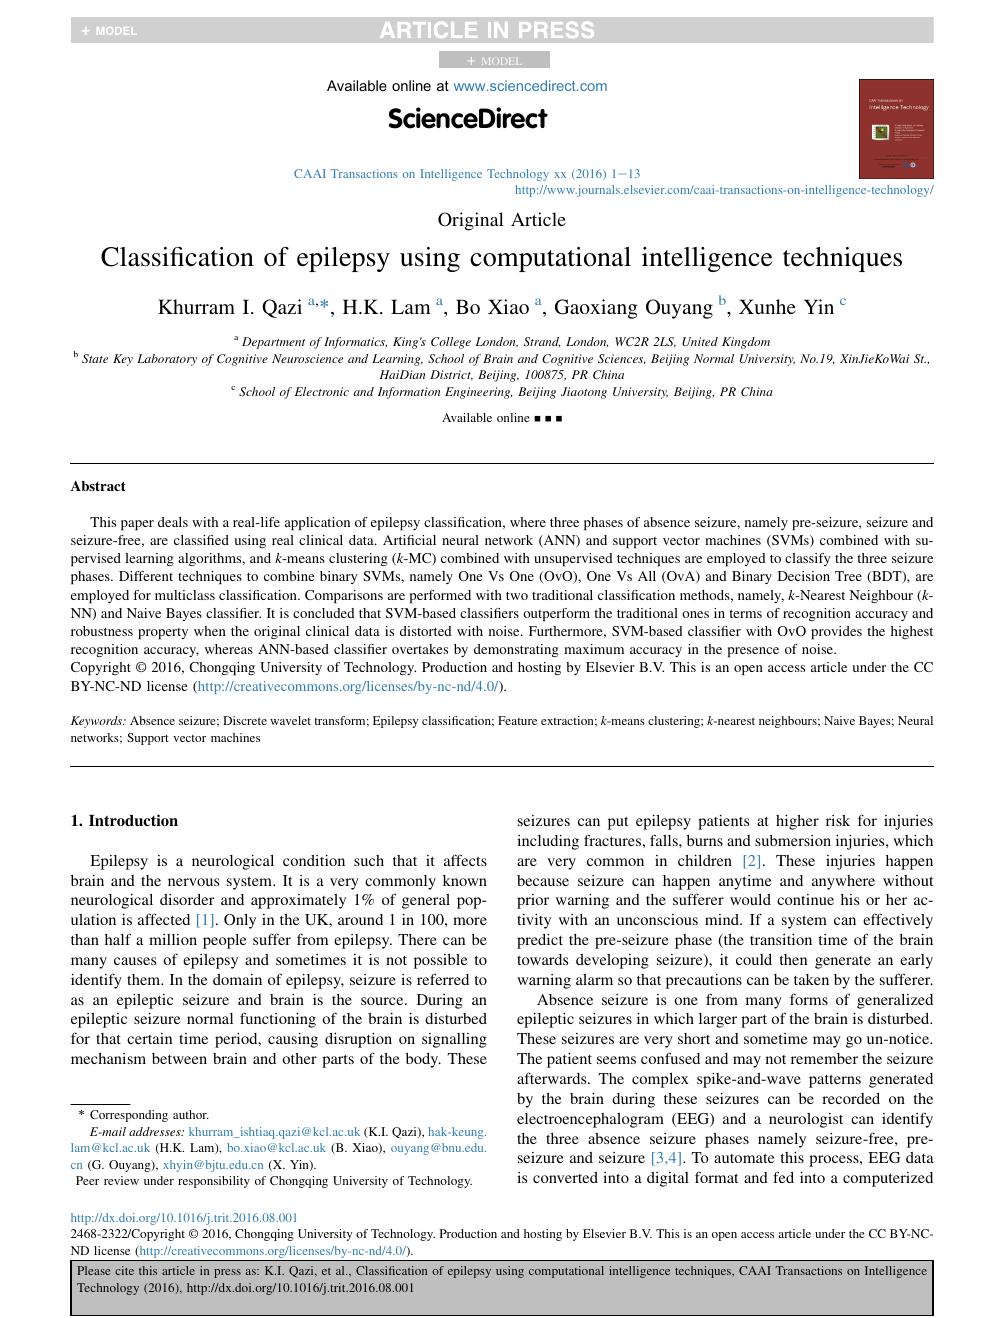 Classification of epilepsy using computational intelligence